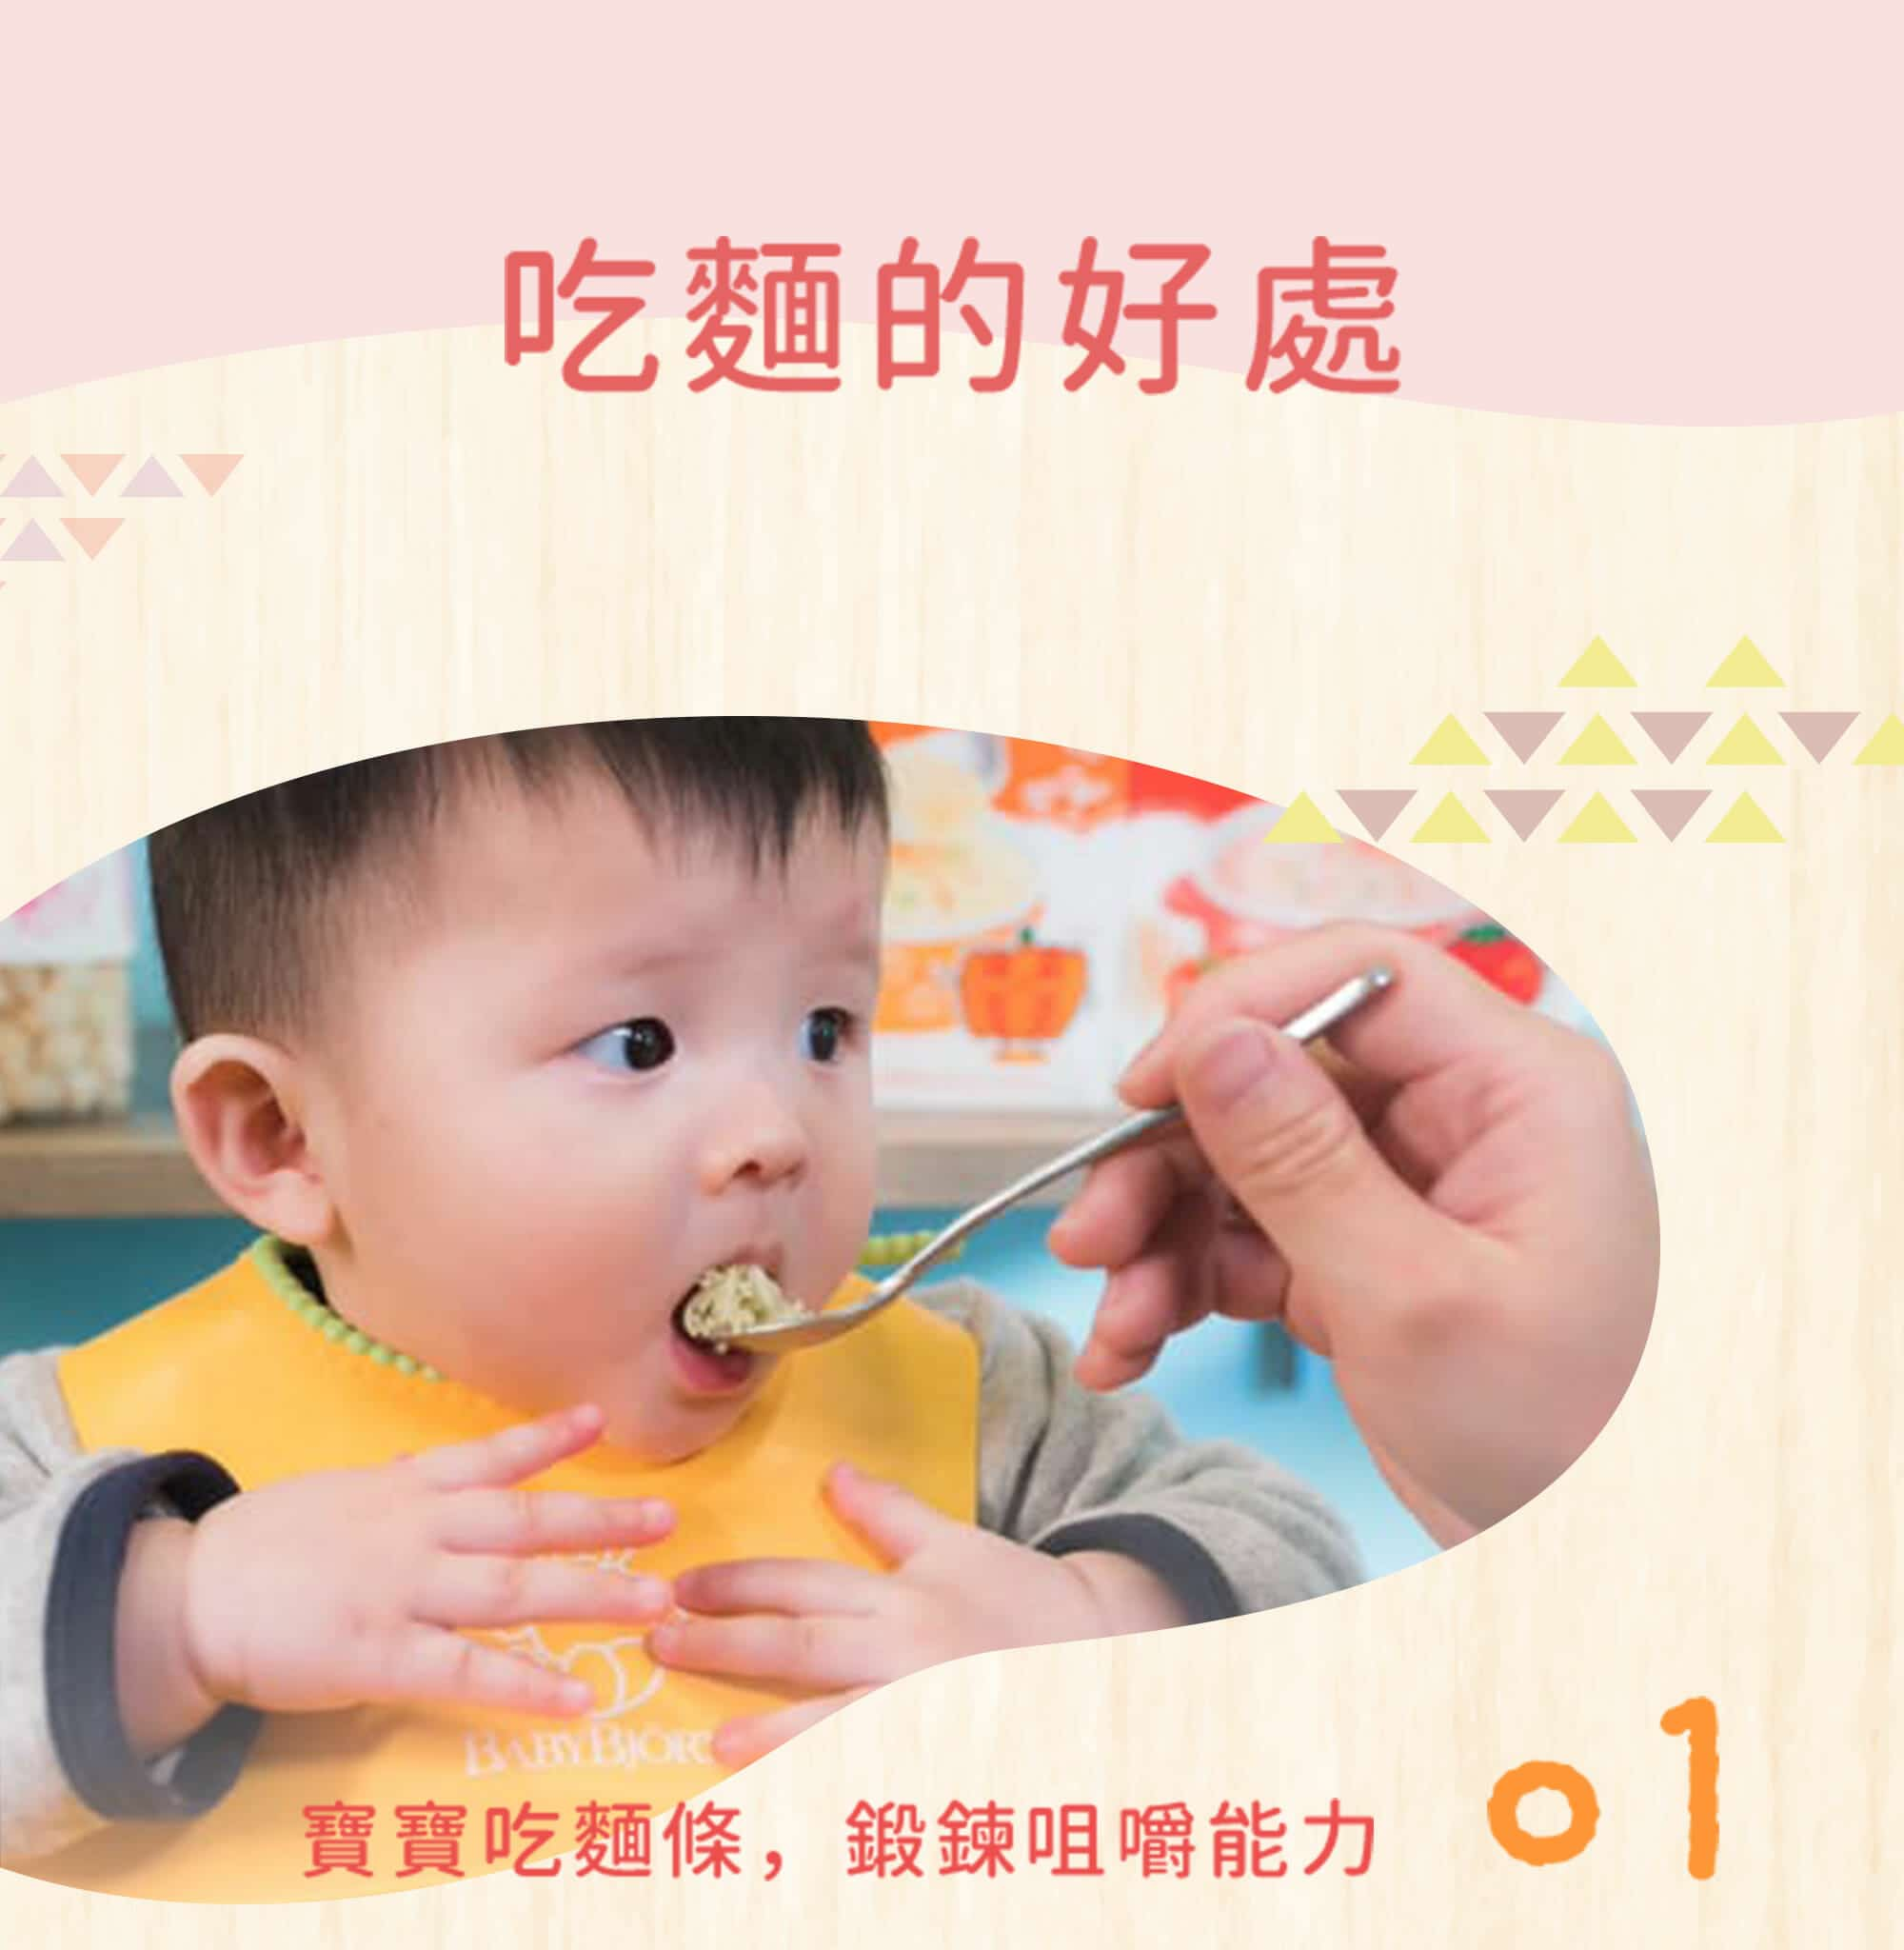 吃麵的好處,可以鍛鍊嬰幼兒的咀嚼能力